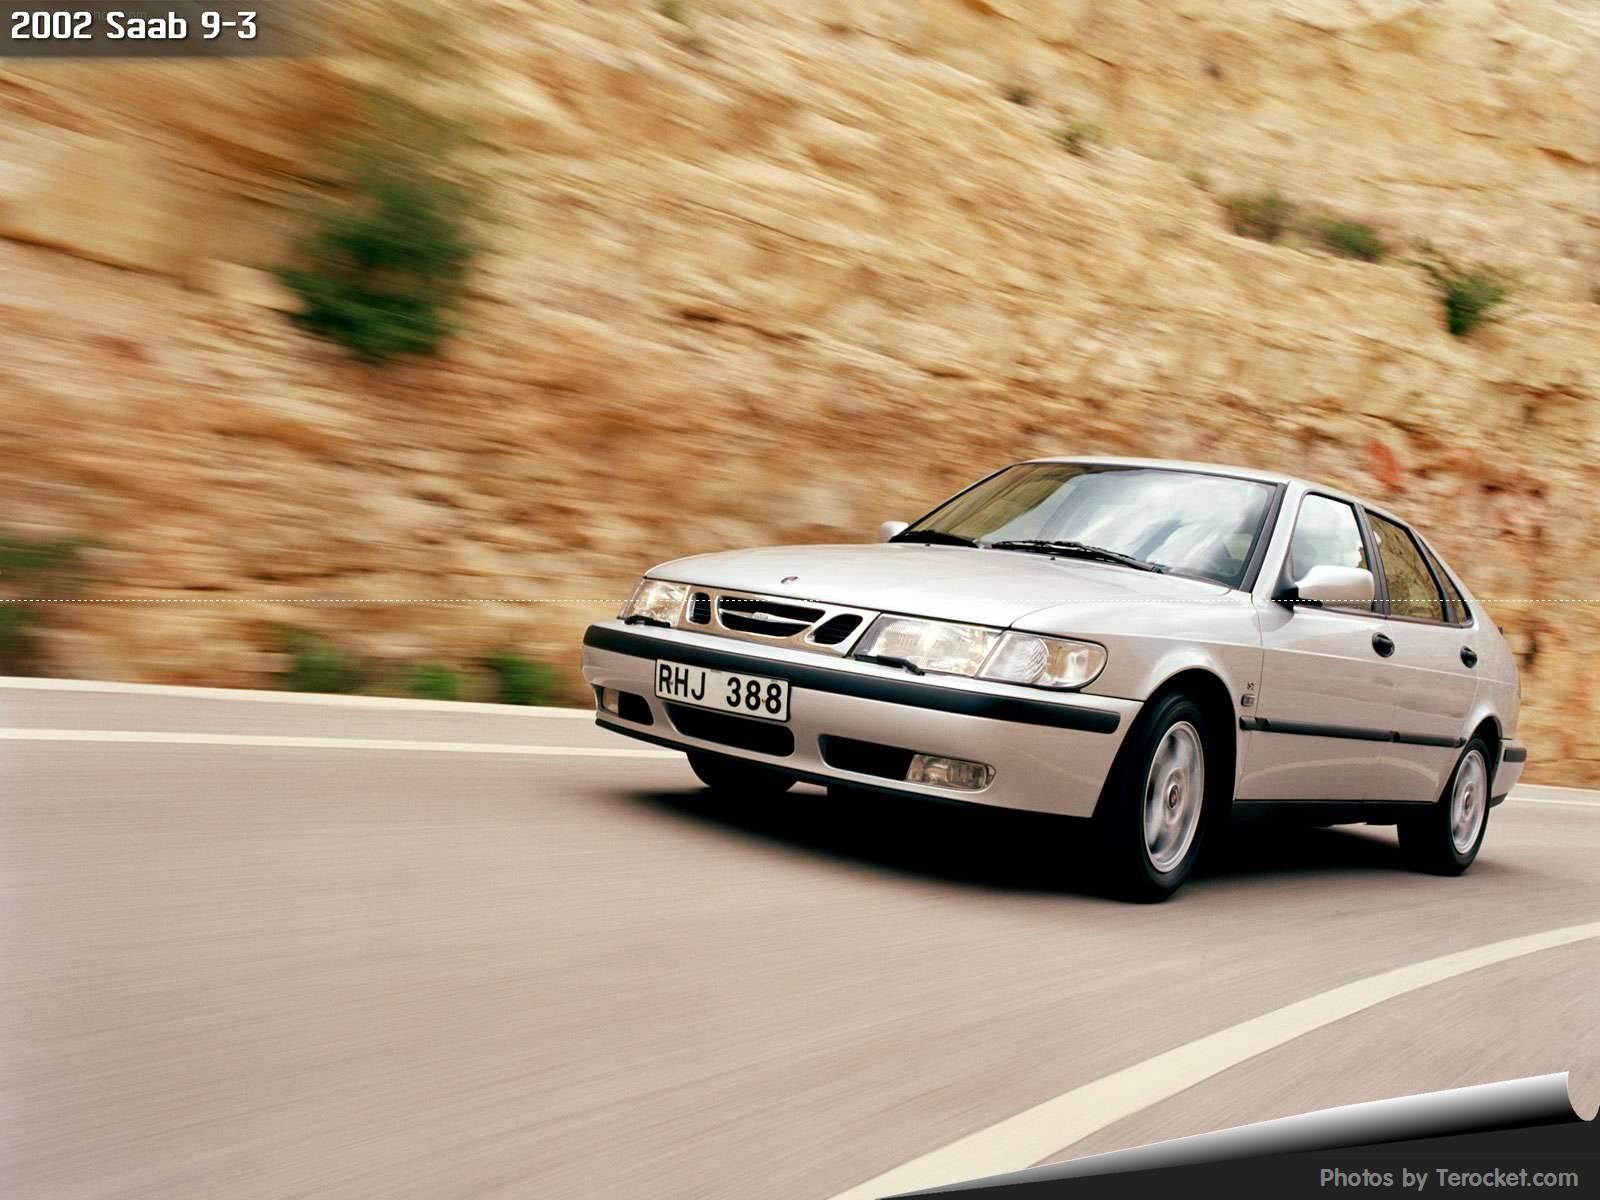 Hình ảnh xe ô tô Saab 9-3 2002 & nội ngoại thất